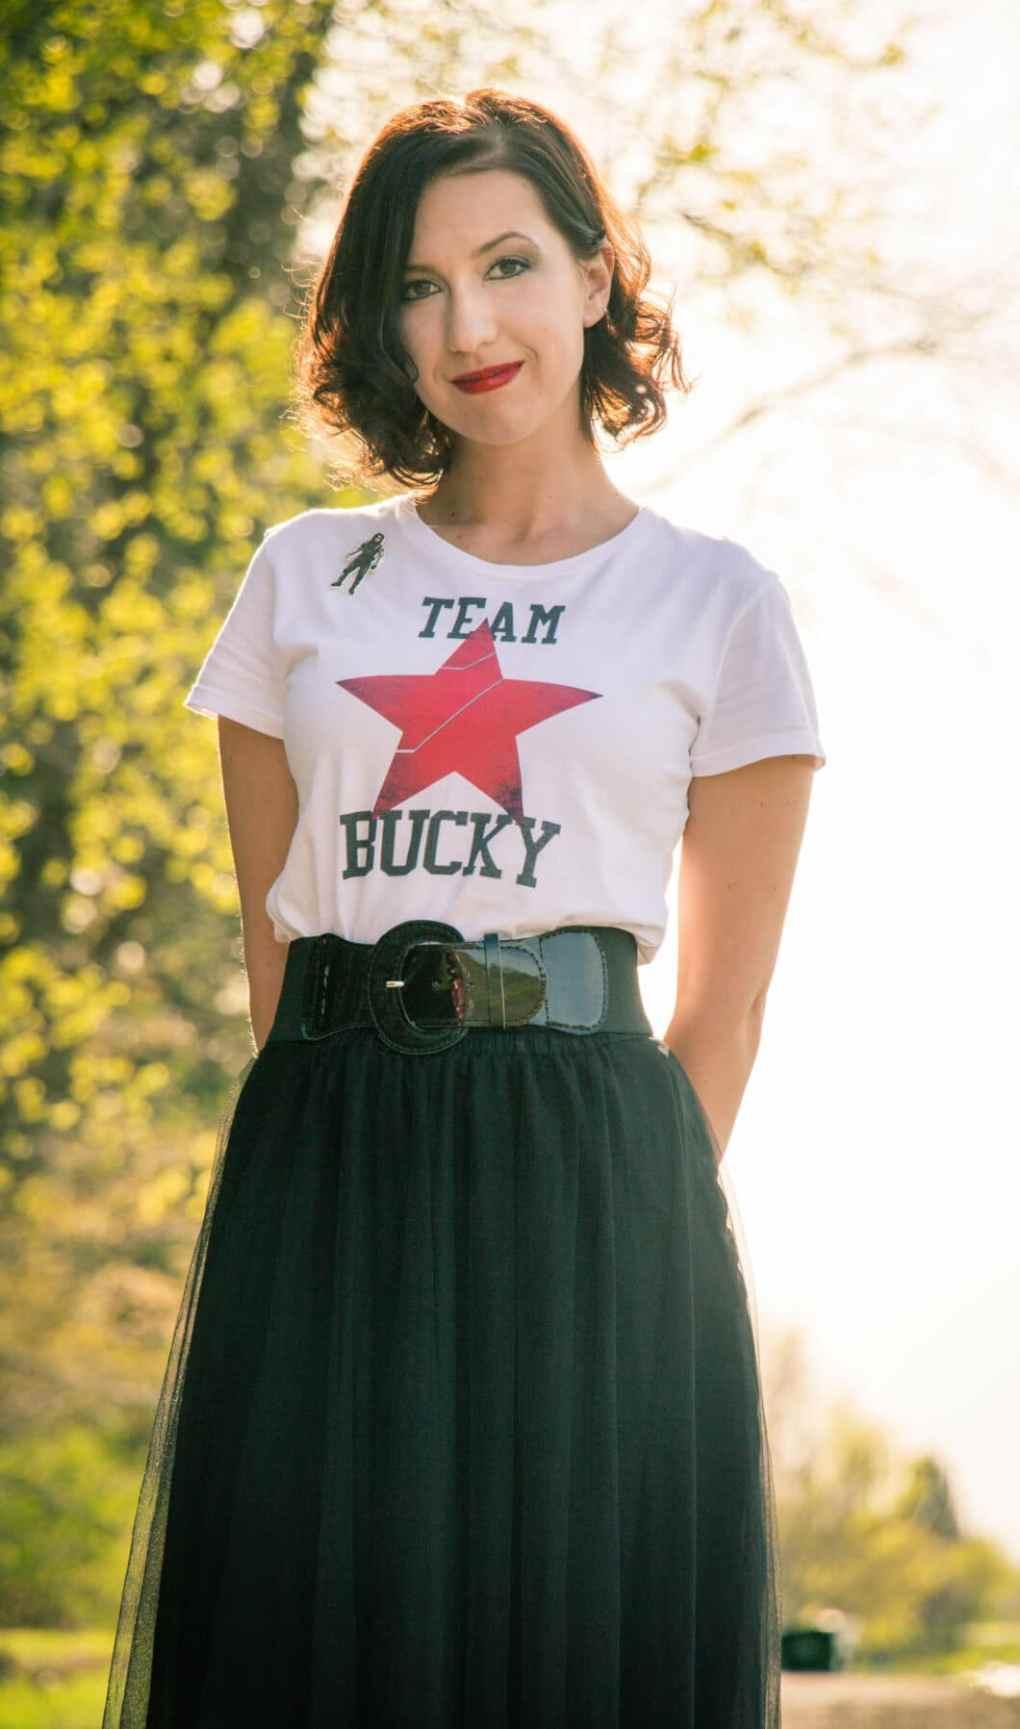 Team Bucky Civil War Outfit